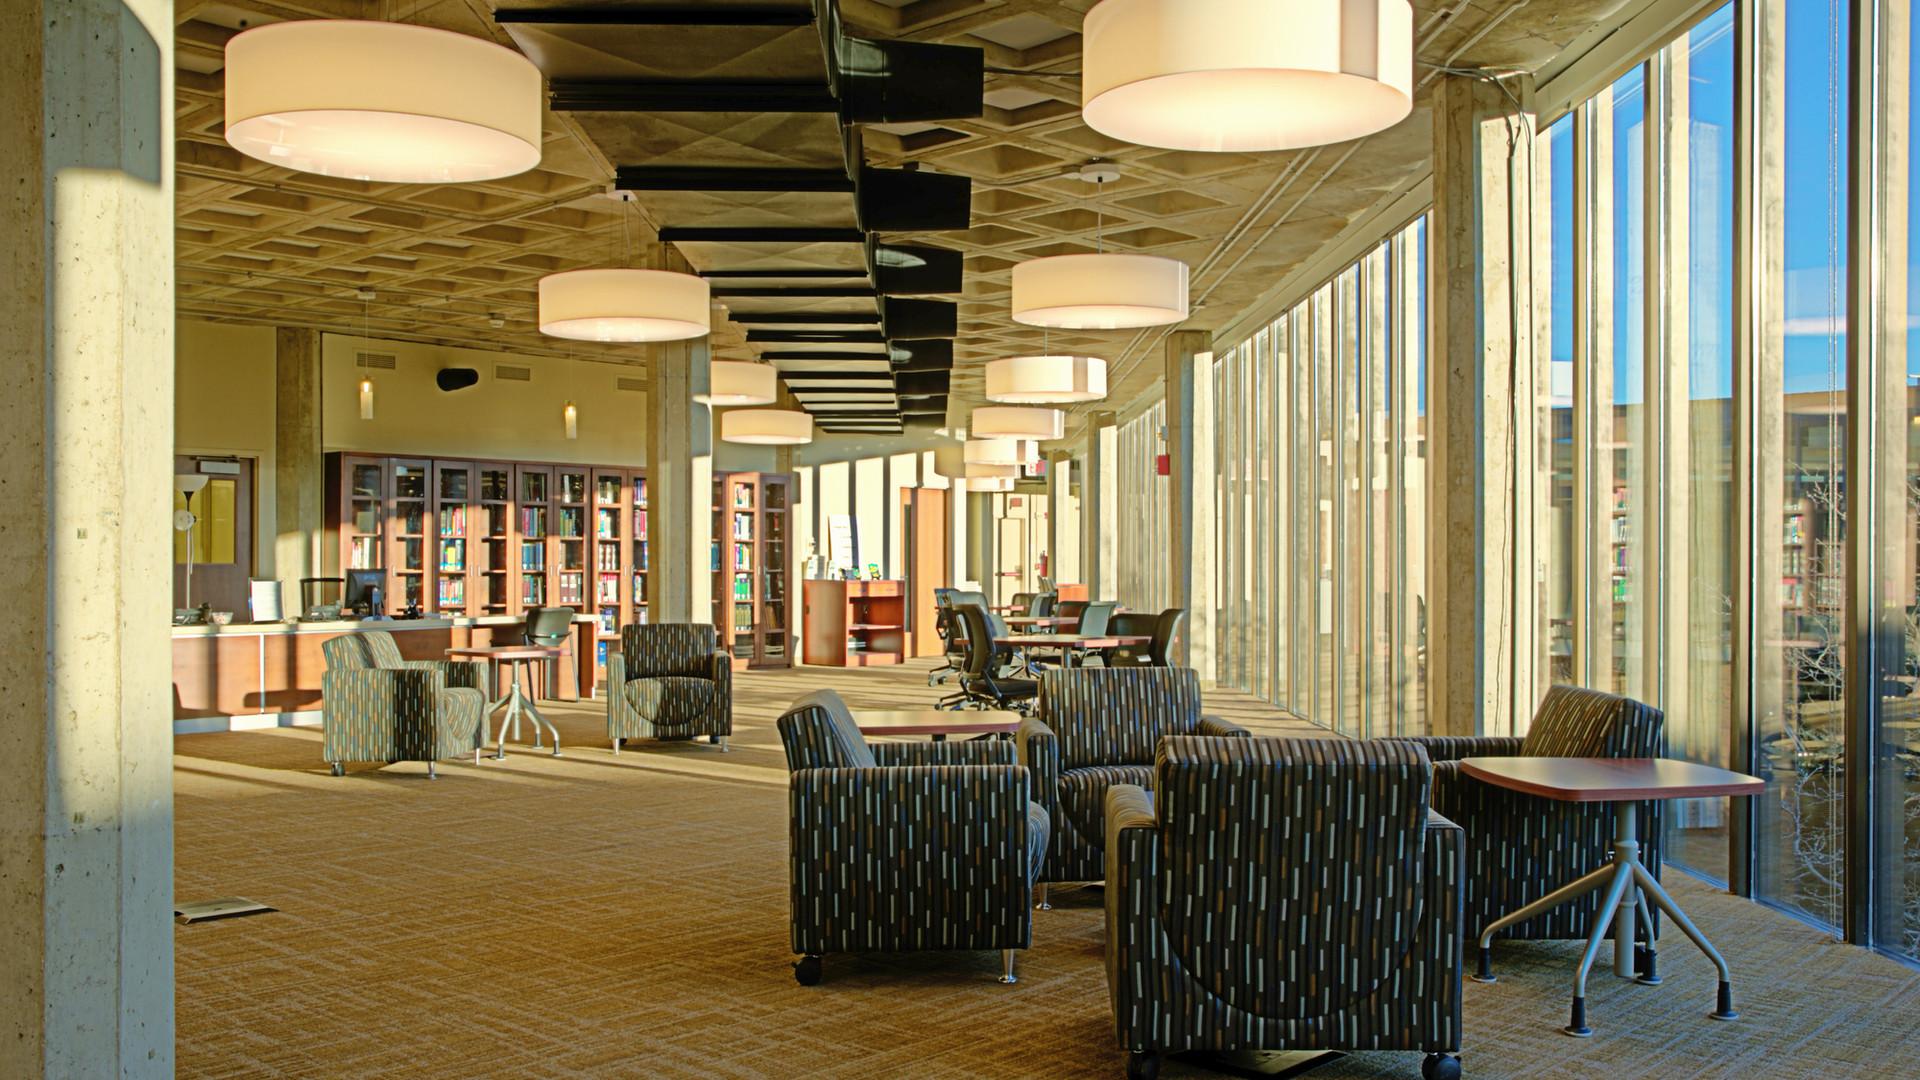 SIU Medical Library